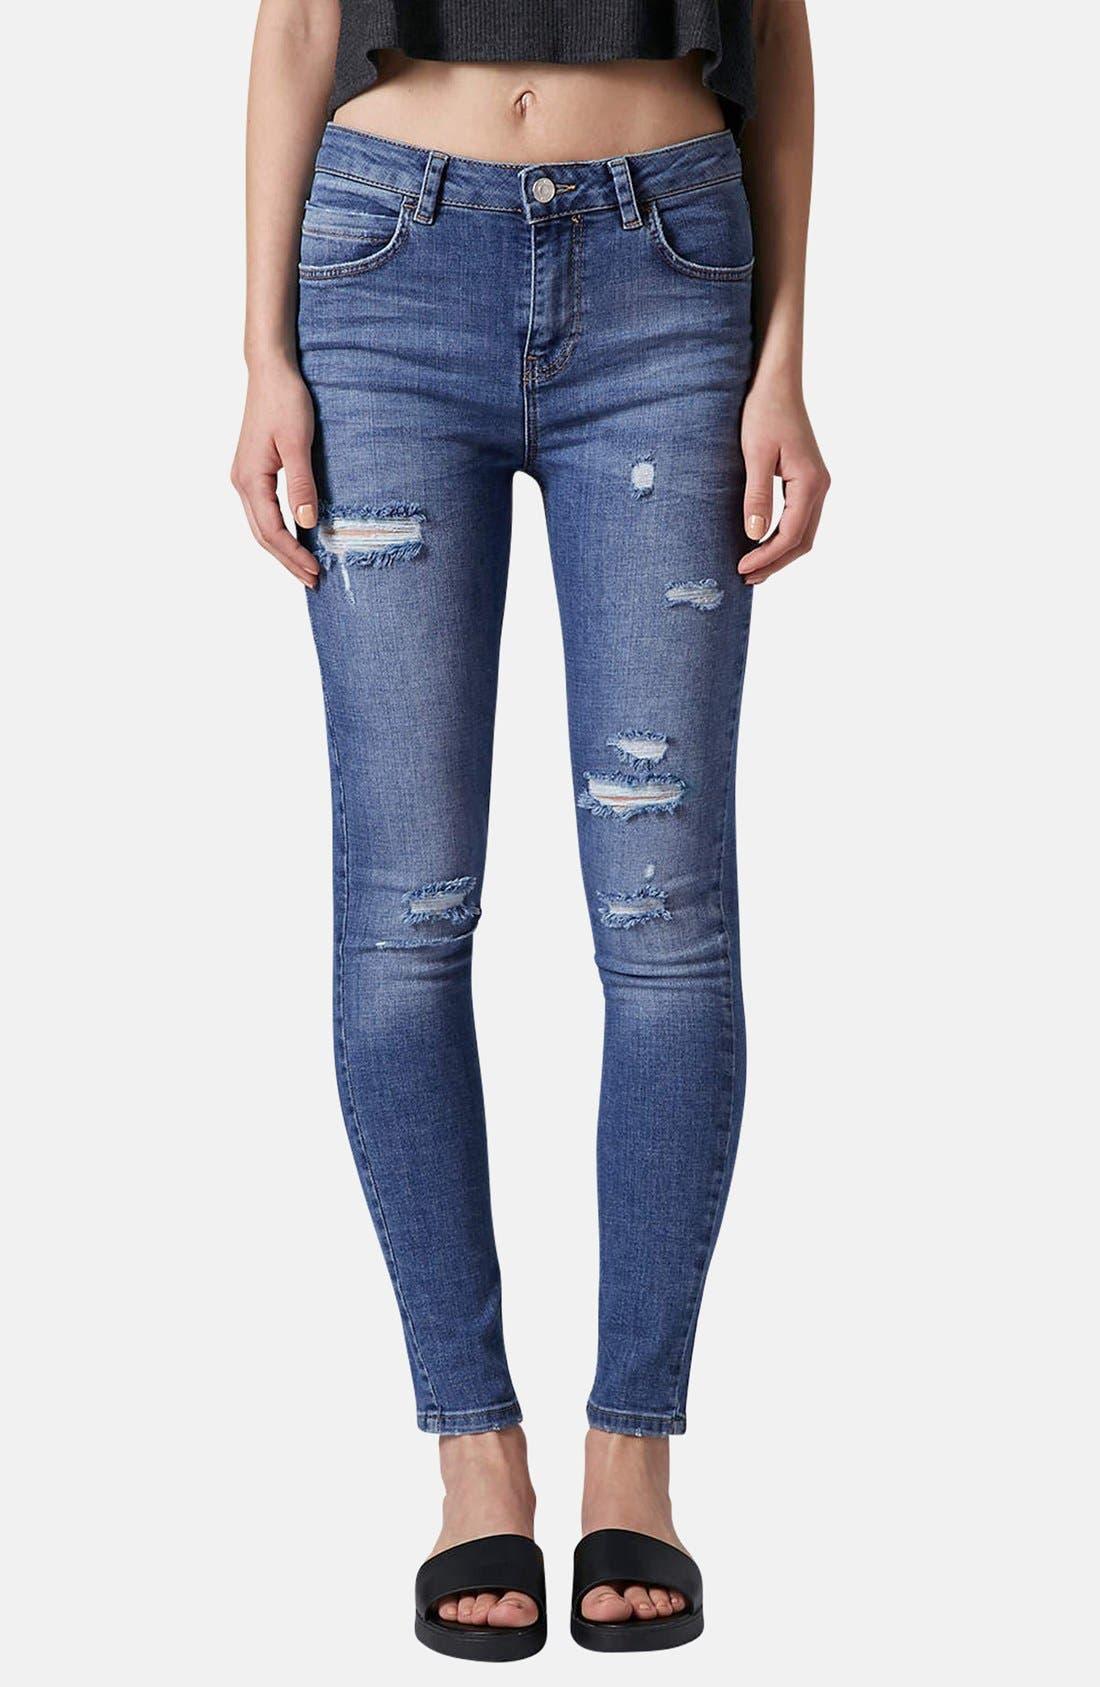 Alternate Image 1 Selected - Topshop Moto Destroyed Skinny Jeans (Mid Denim) (Short & Regular)